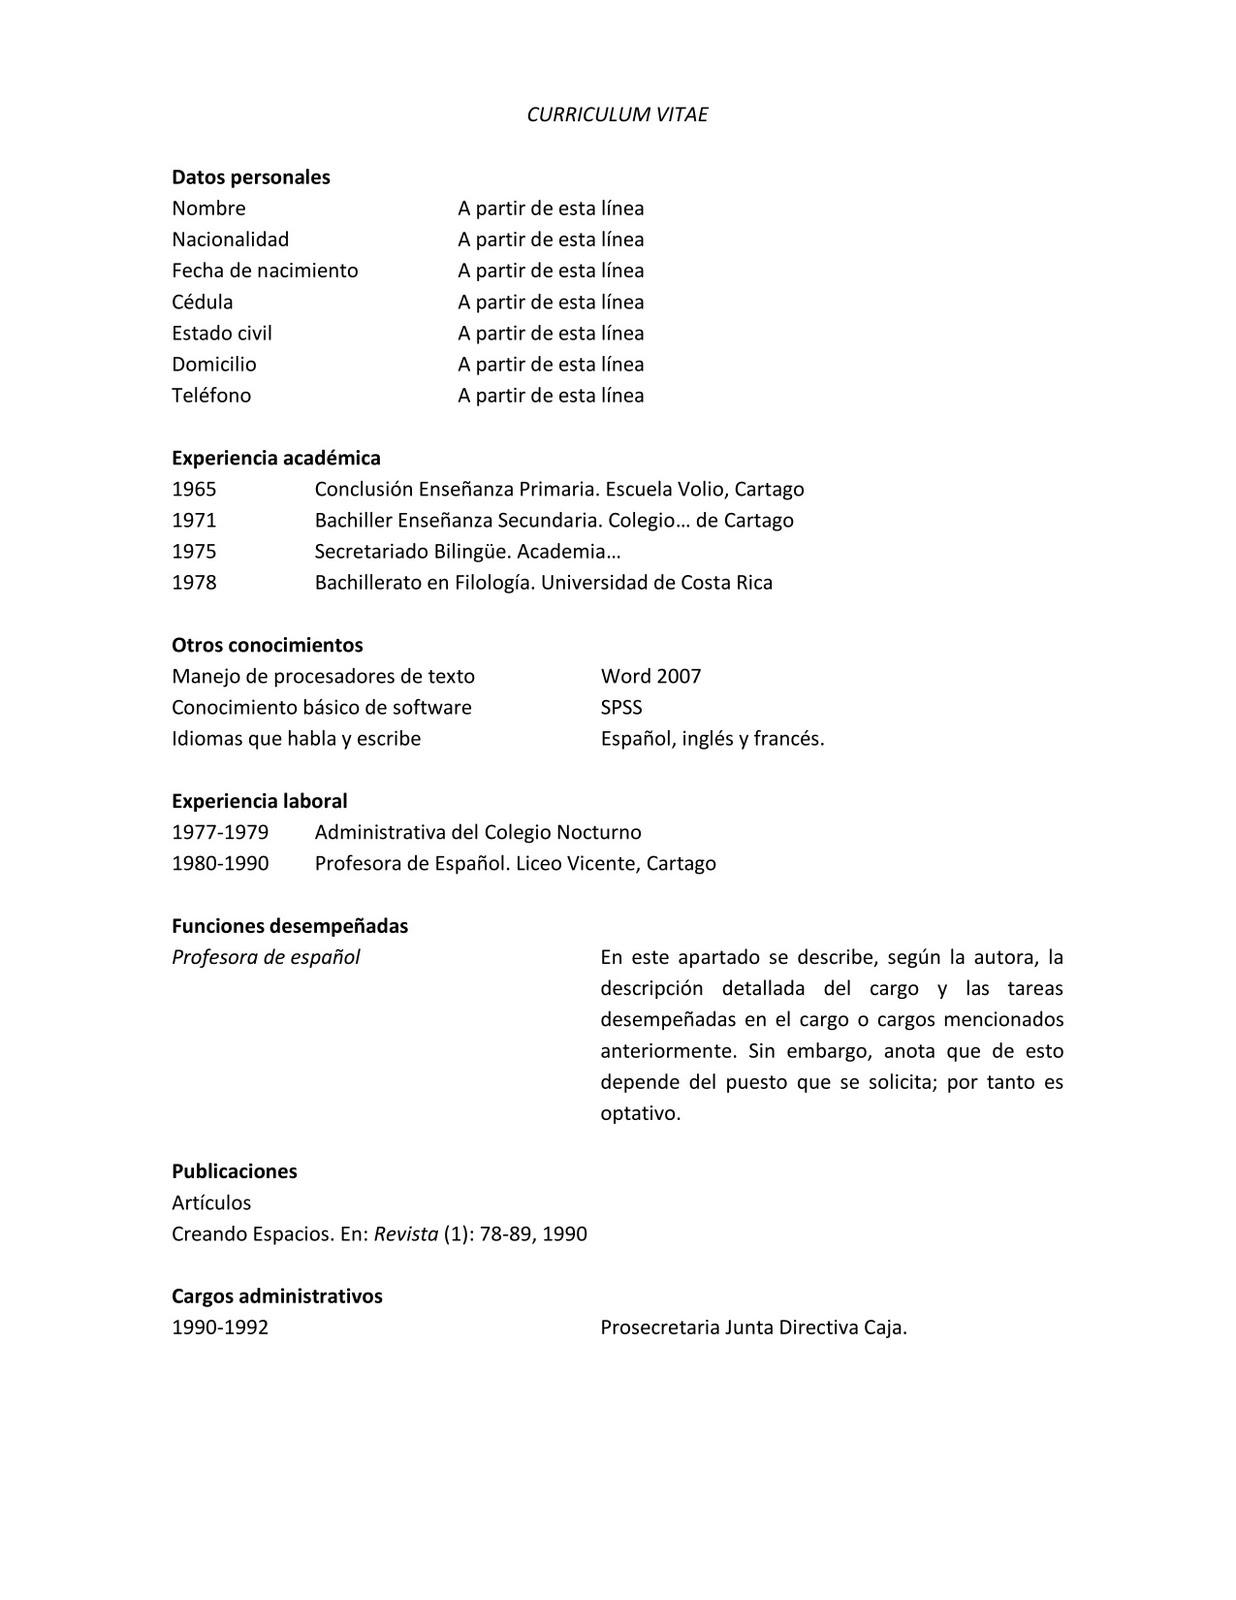 Pienso En Costa Rica El Curriculum Vitae